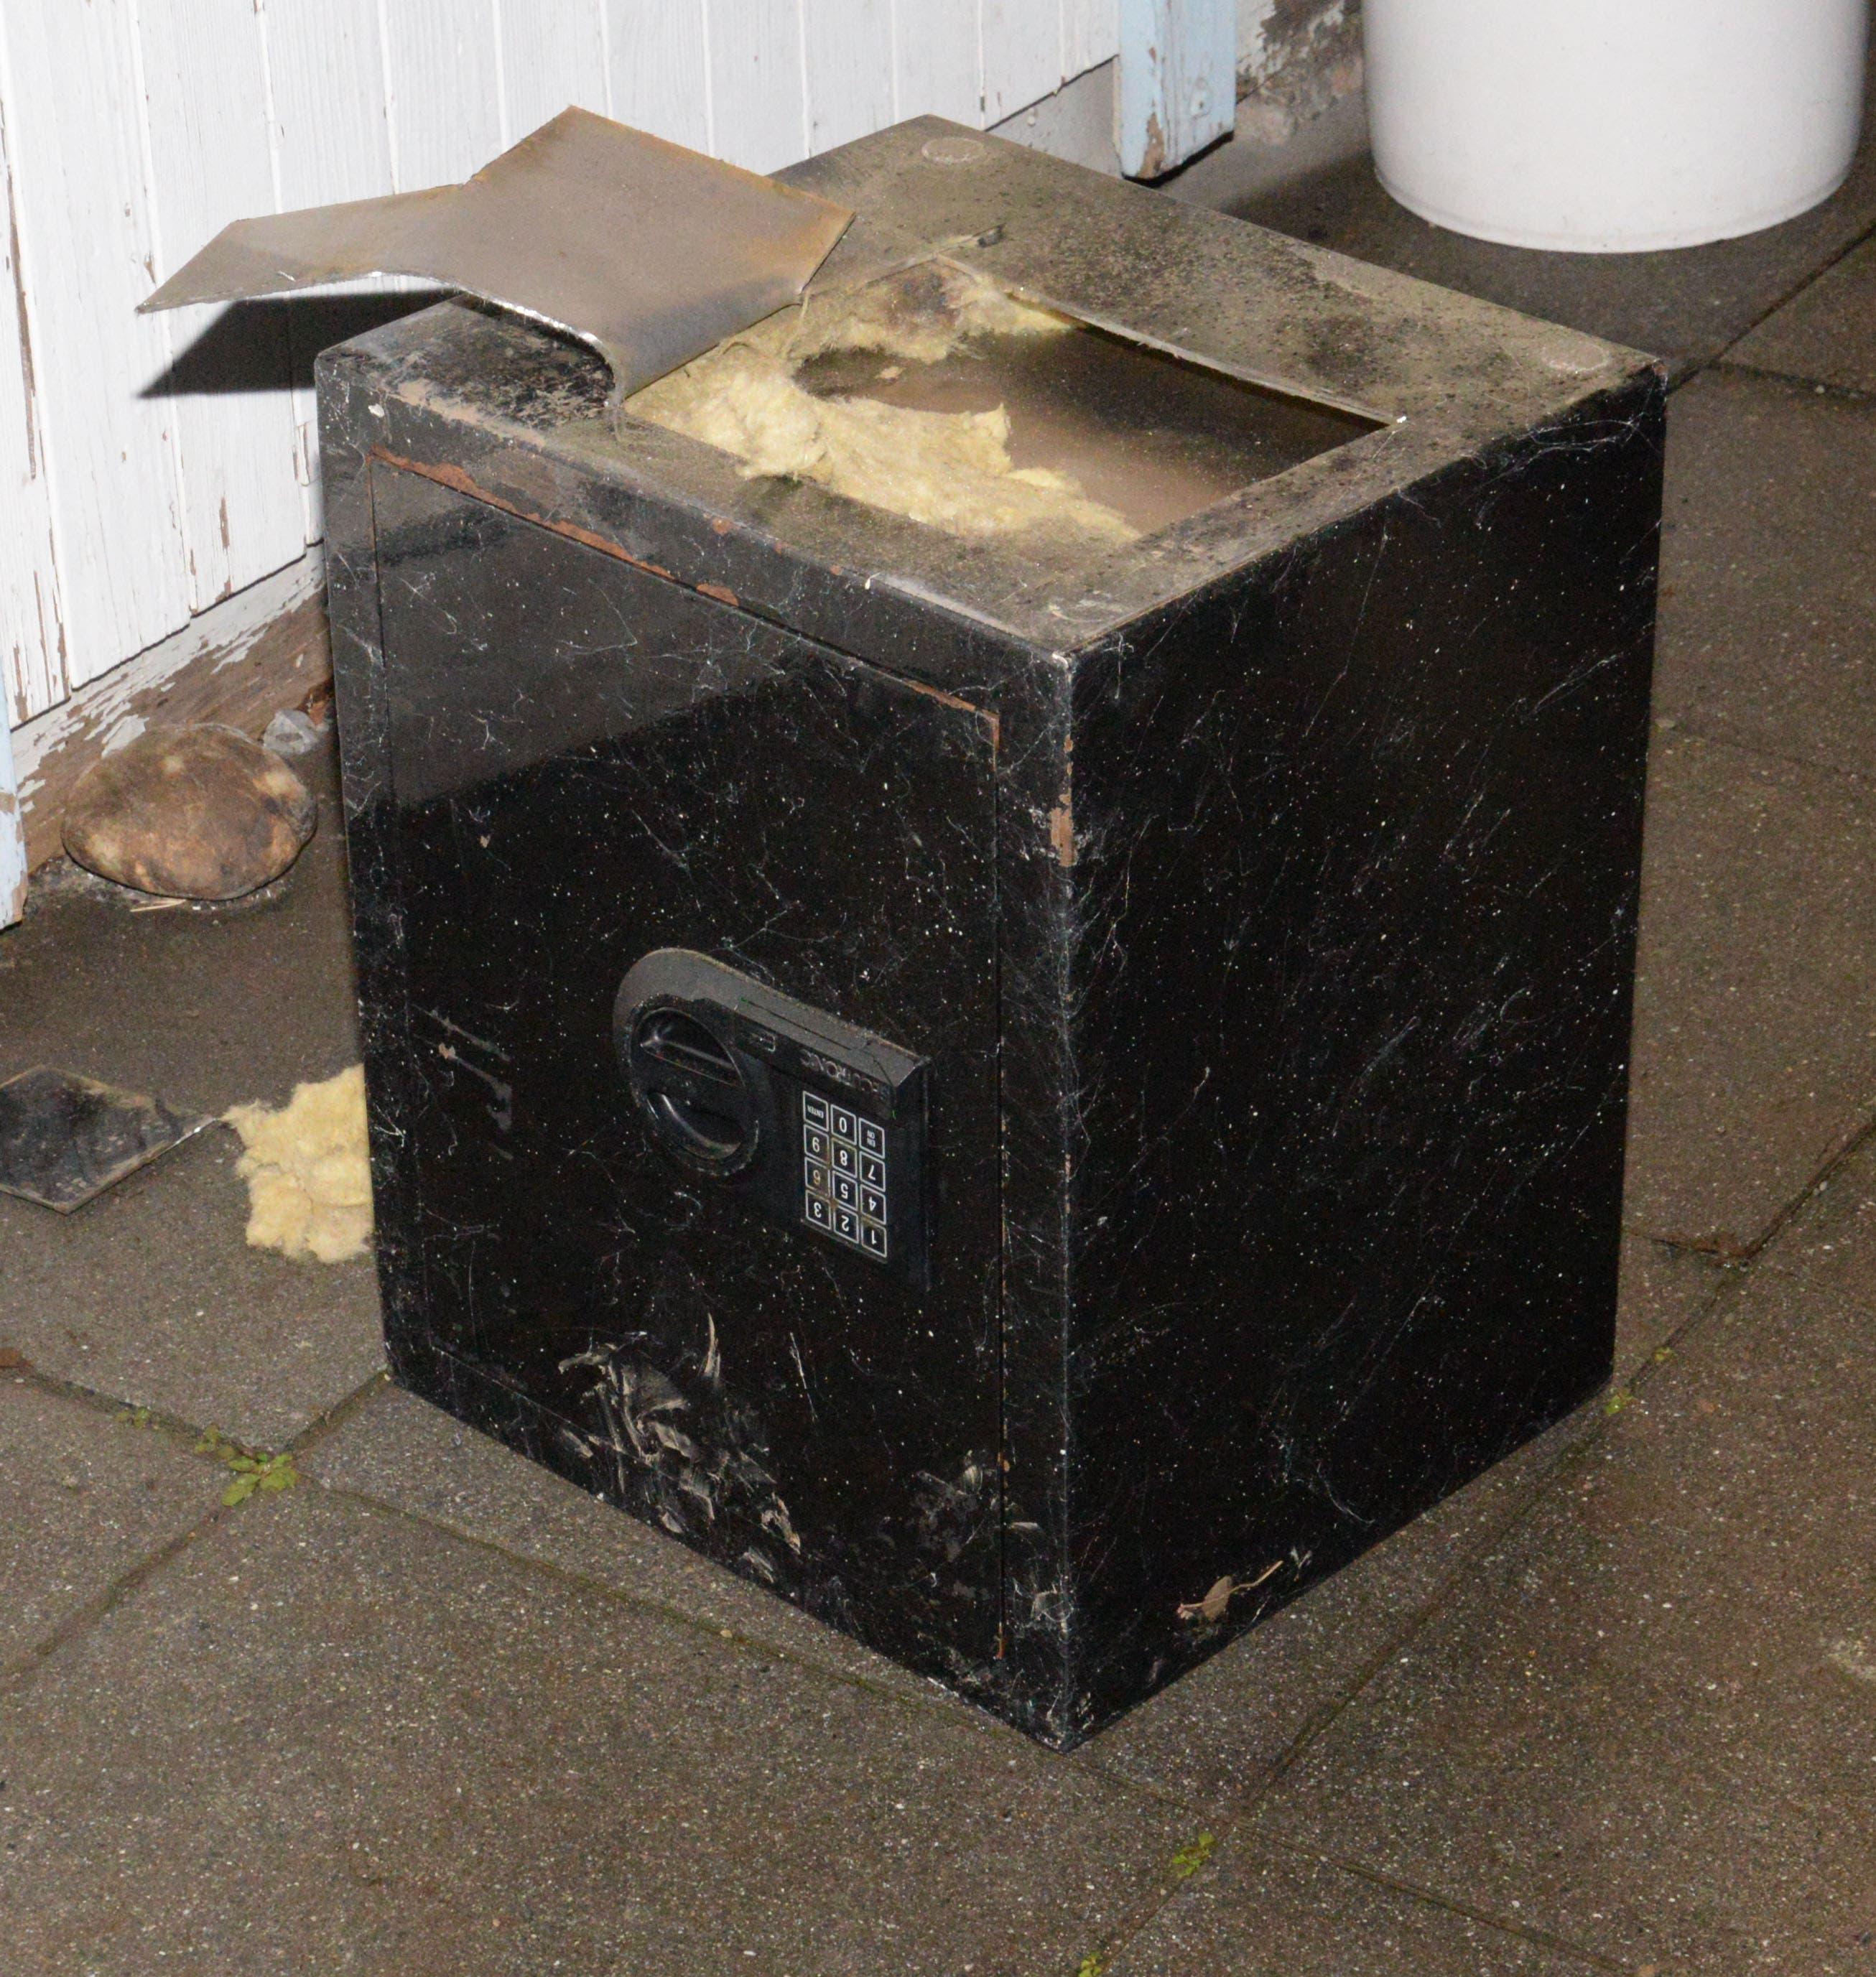 Luzerner Polizei Sucht Besitzer Eines Aufgebrochenen Tresors